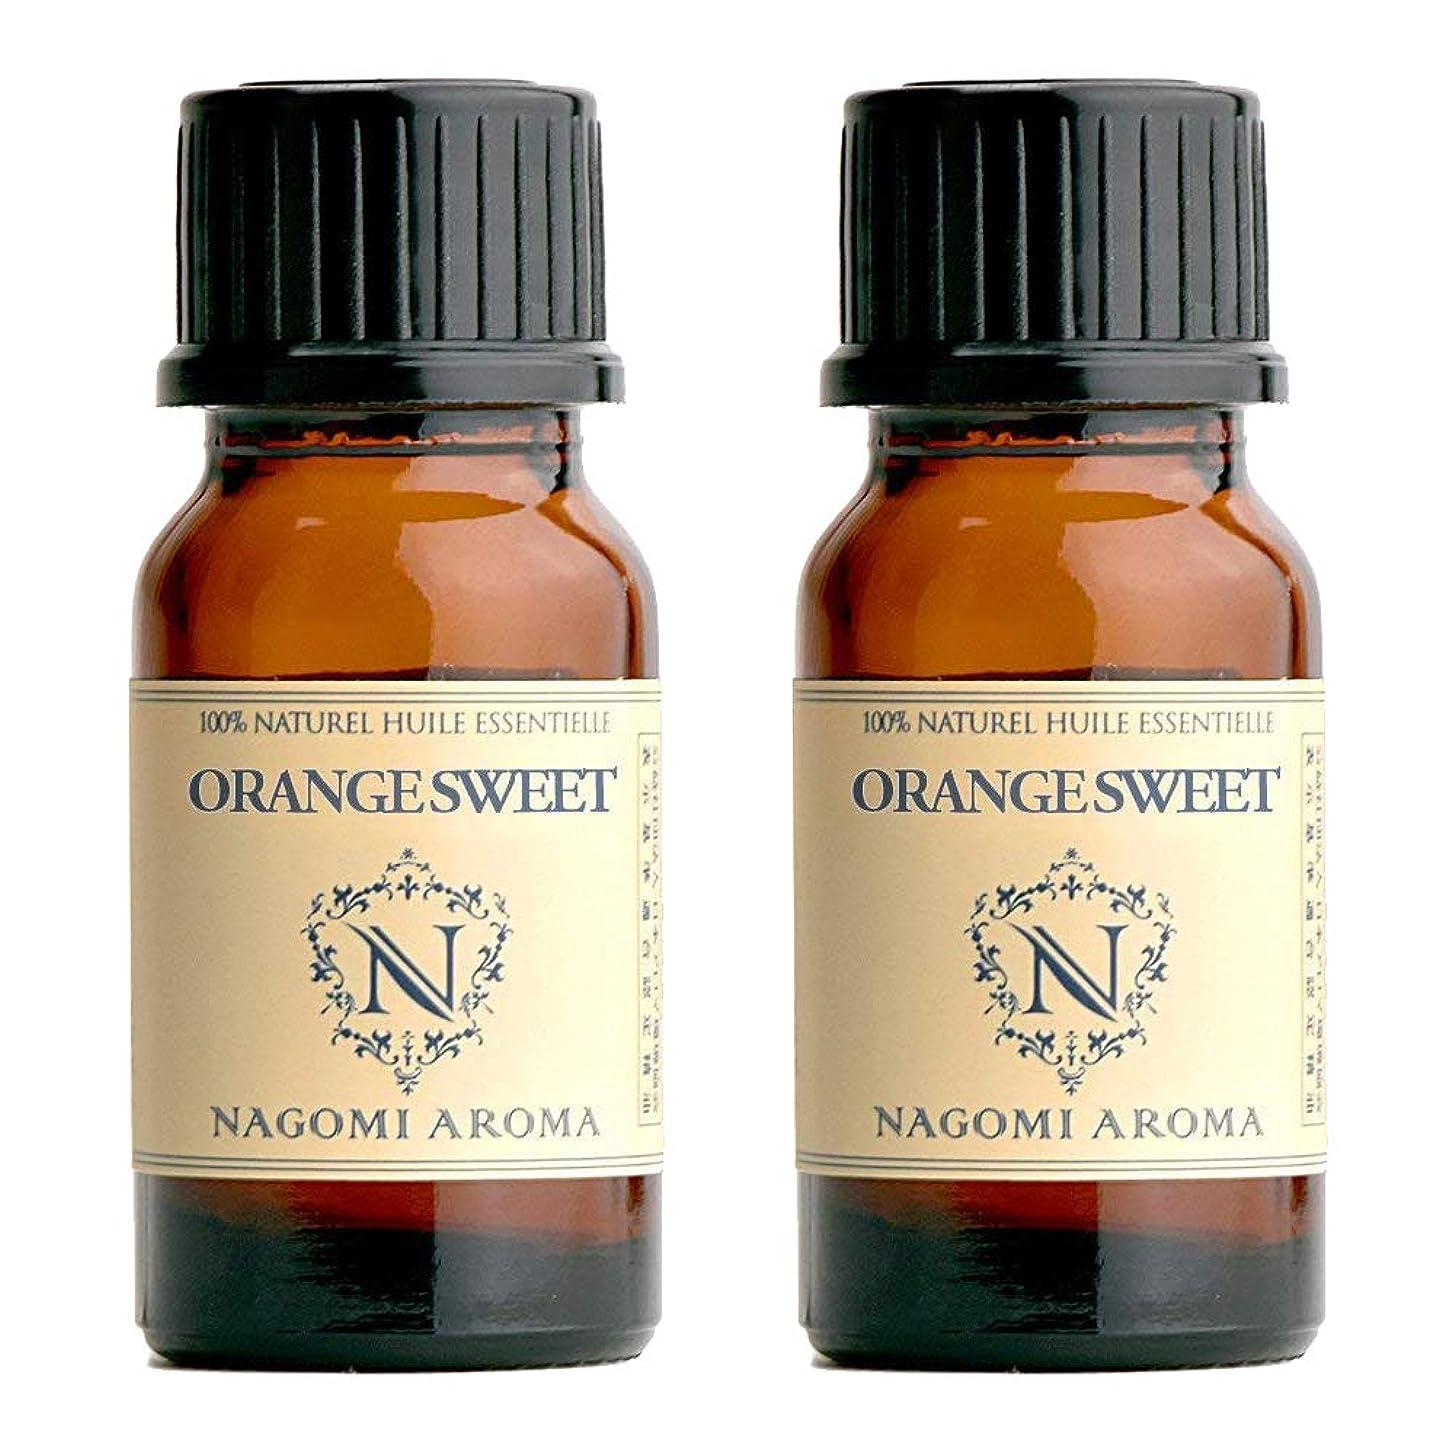 ロンドンリーチ累積NAGOMI AROMA オレンジ?スイート 10ml 【AEAJ認定精油】【アロマオイル】 2個セット